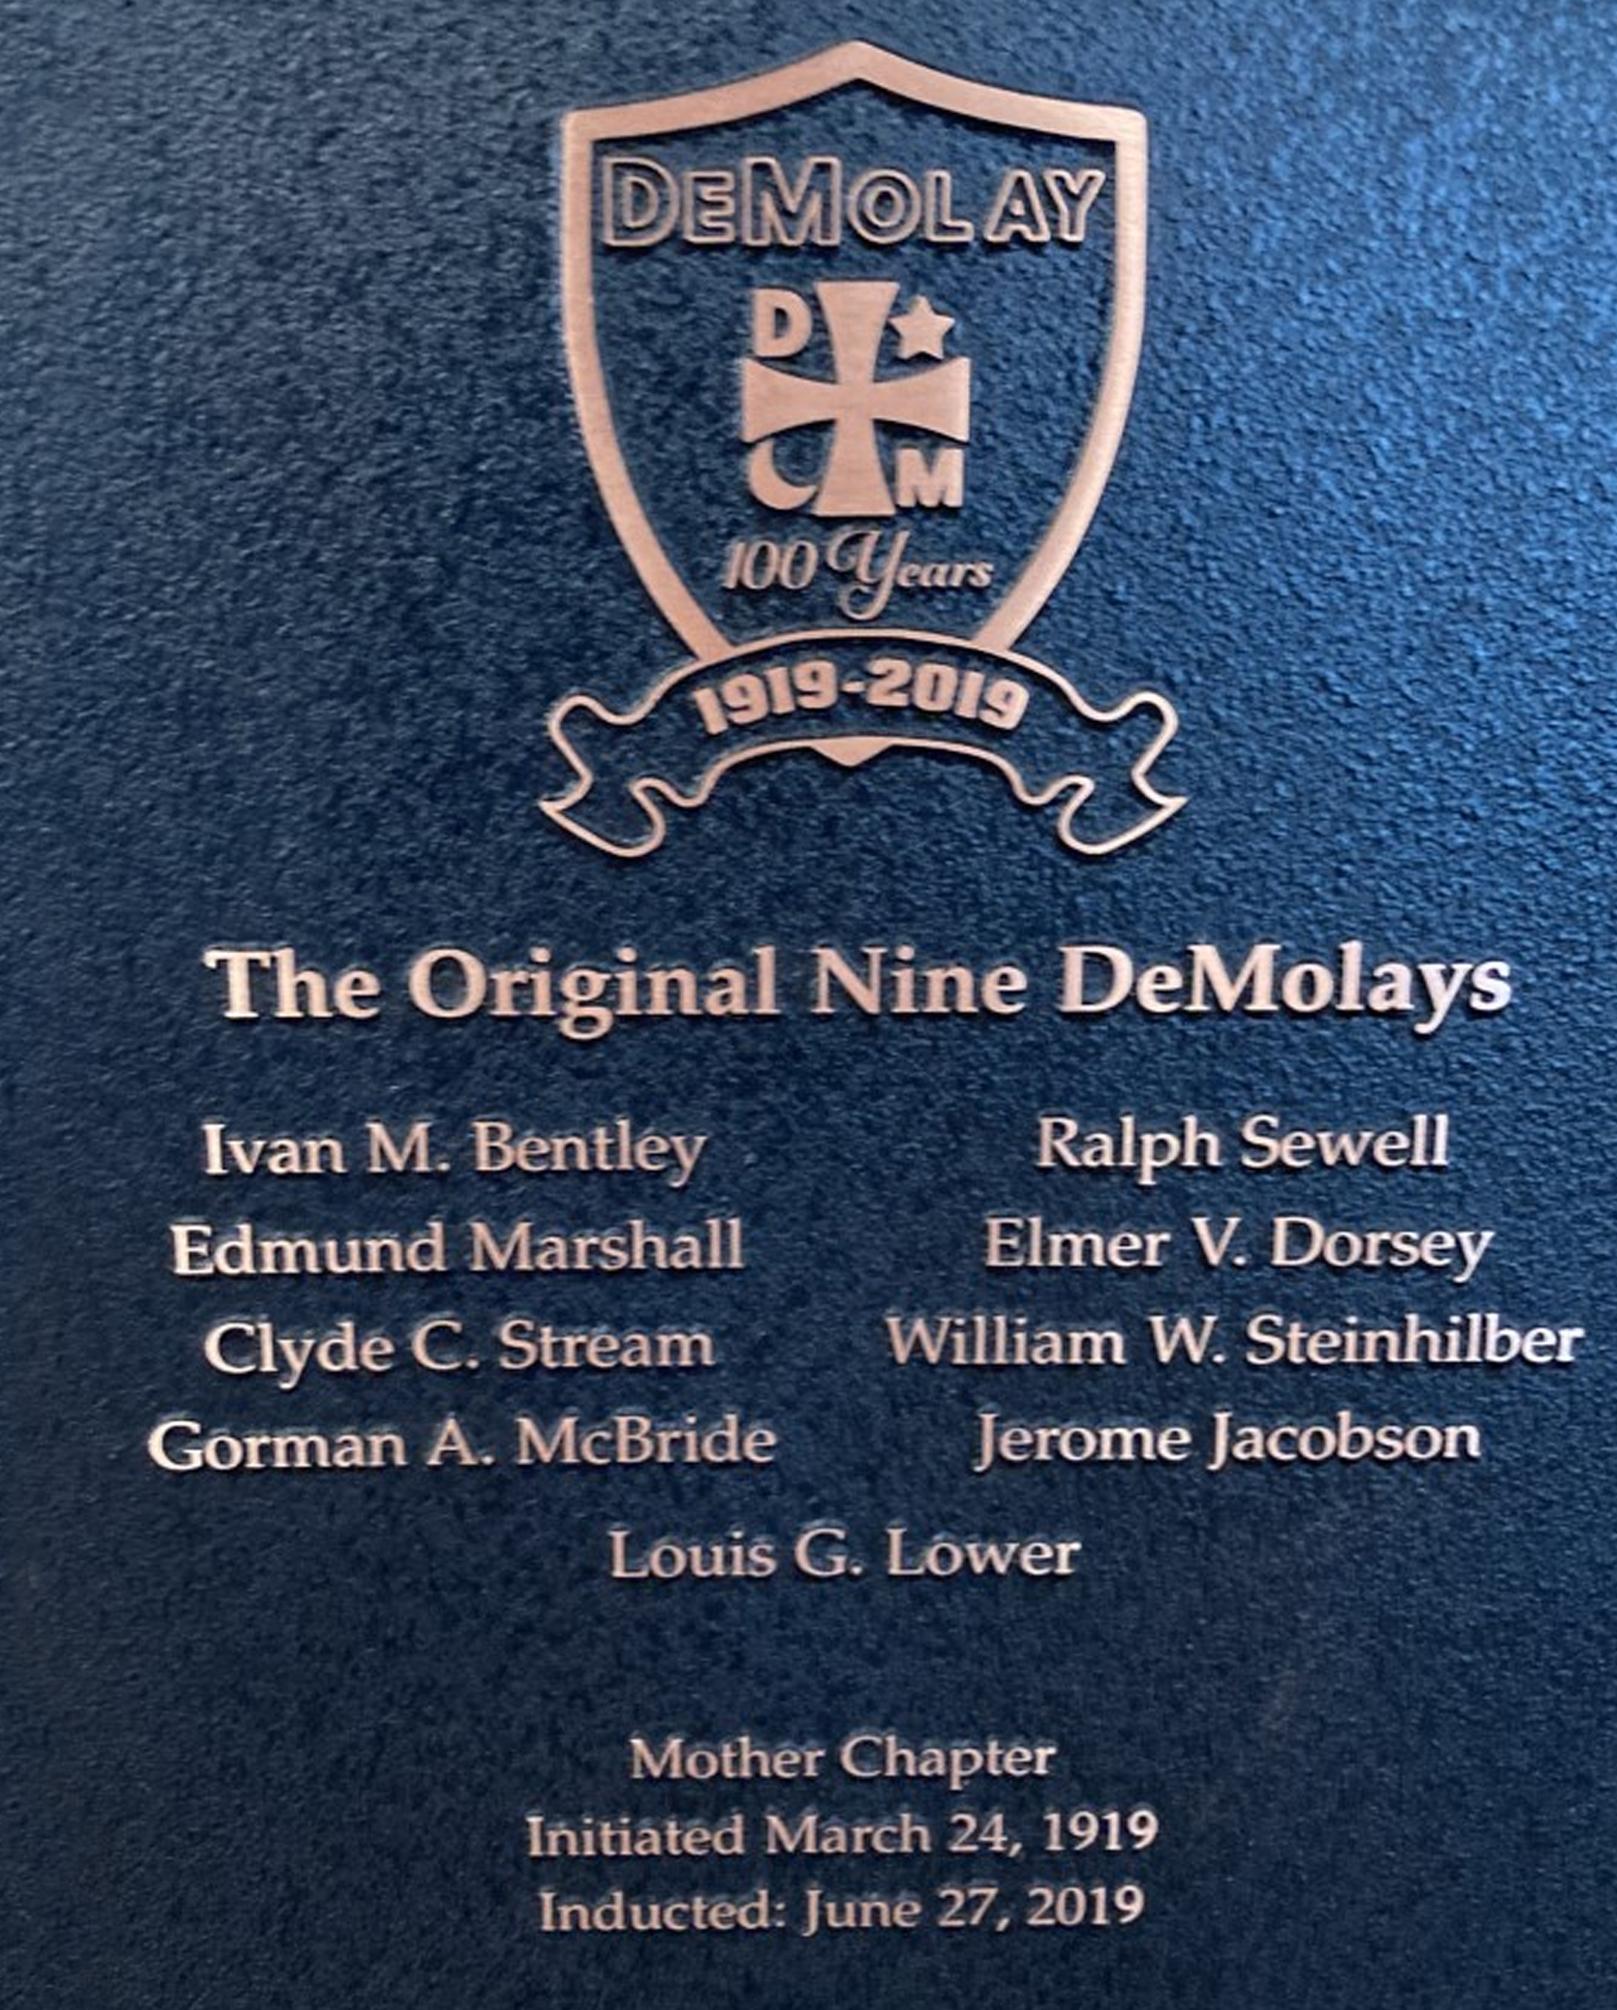 The Original Nine